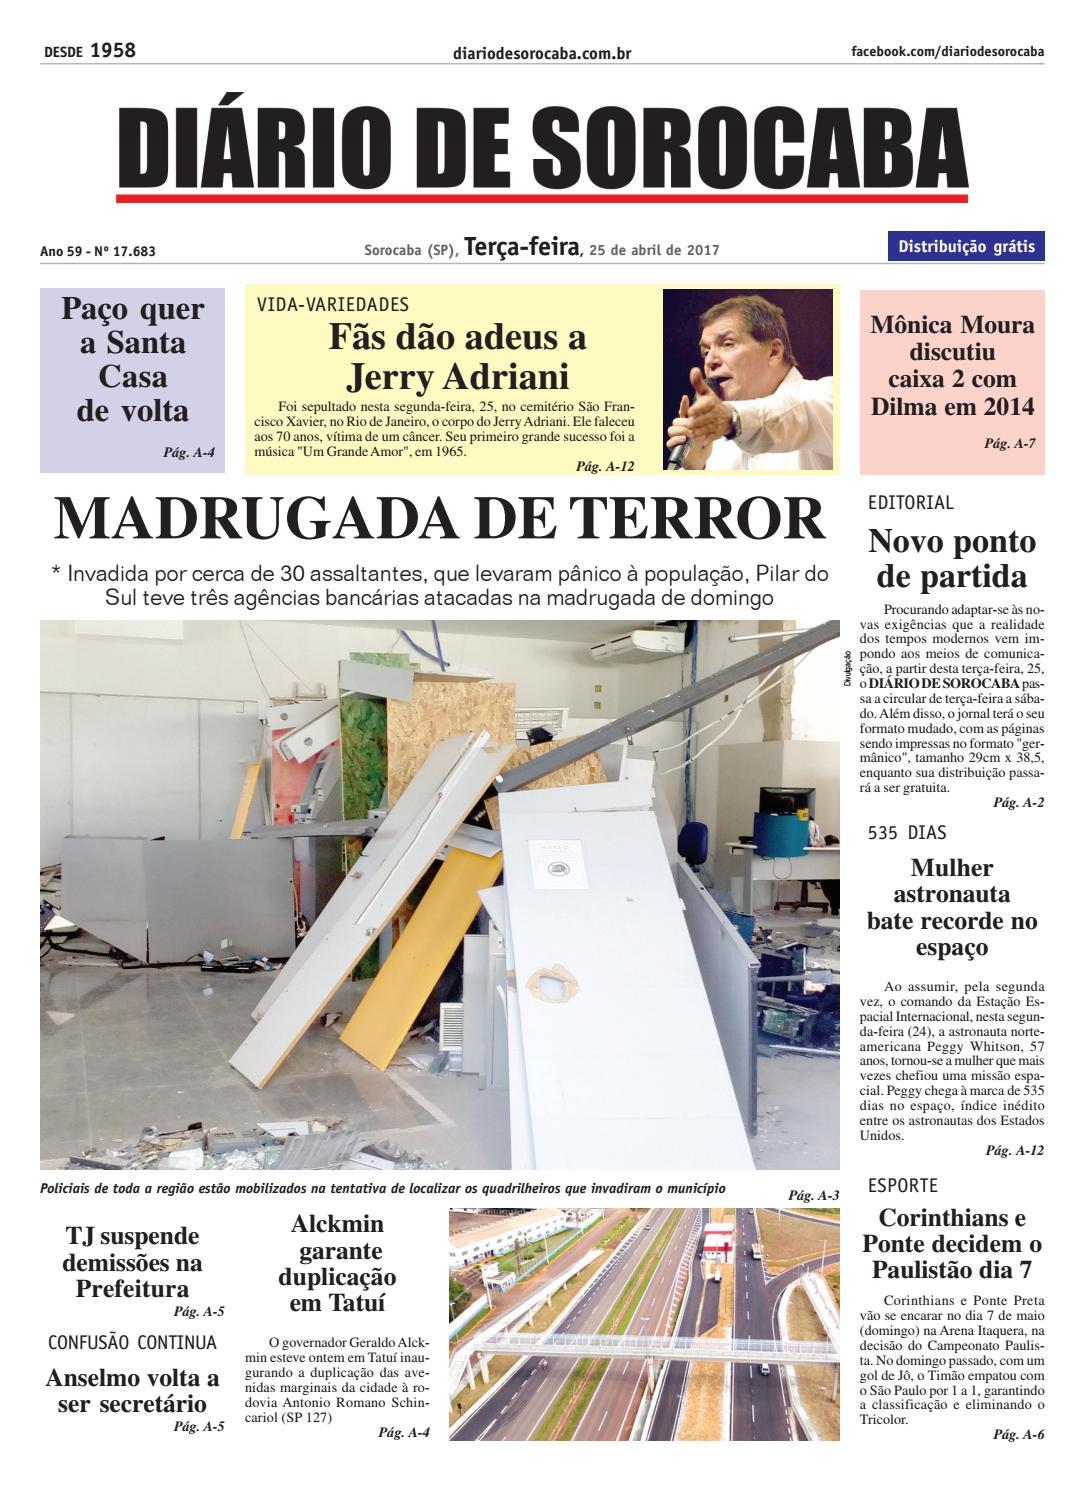 682af72a9a Edição 25 de abril de 2017 by DIÁRIO DE SOROCABA - issuu